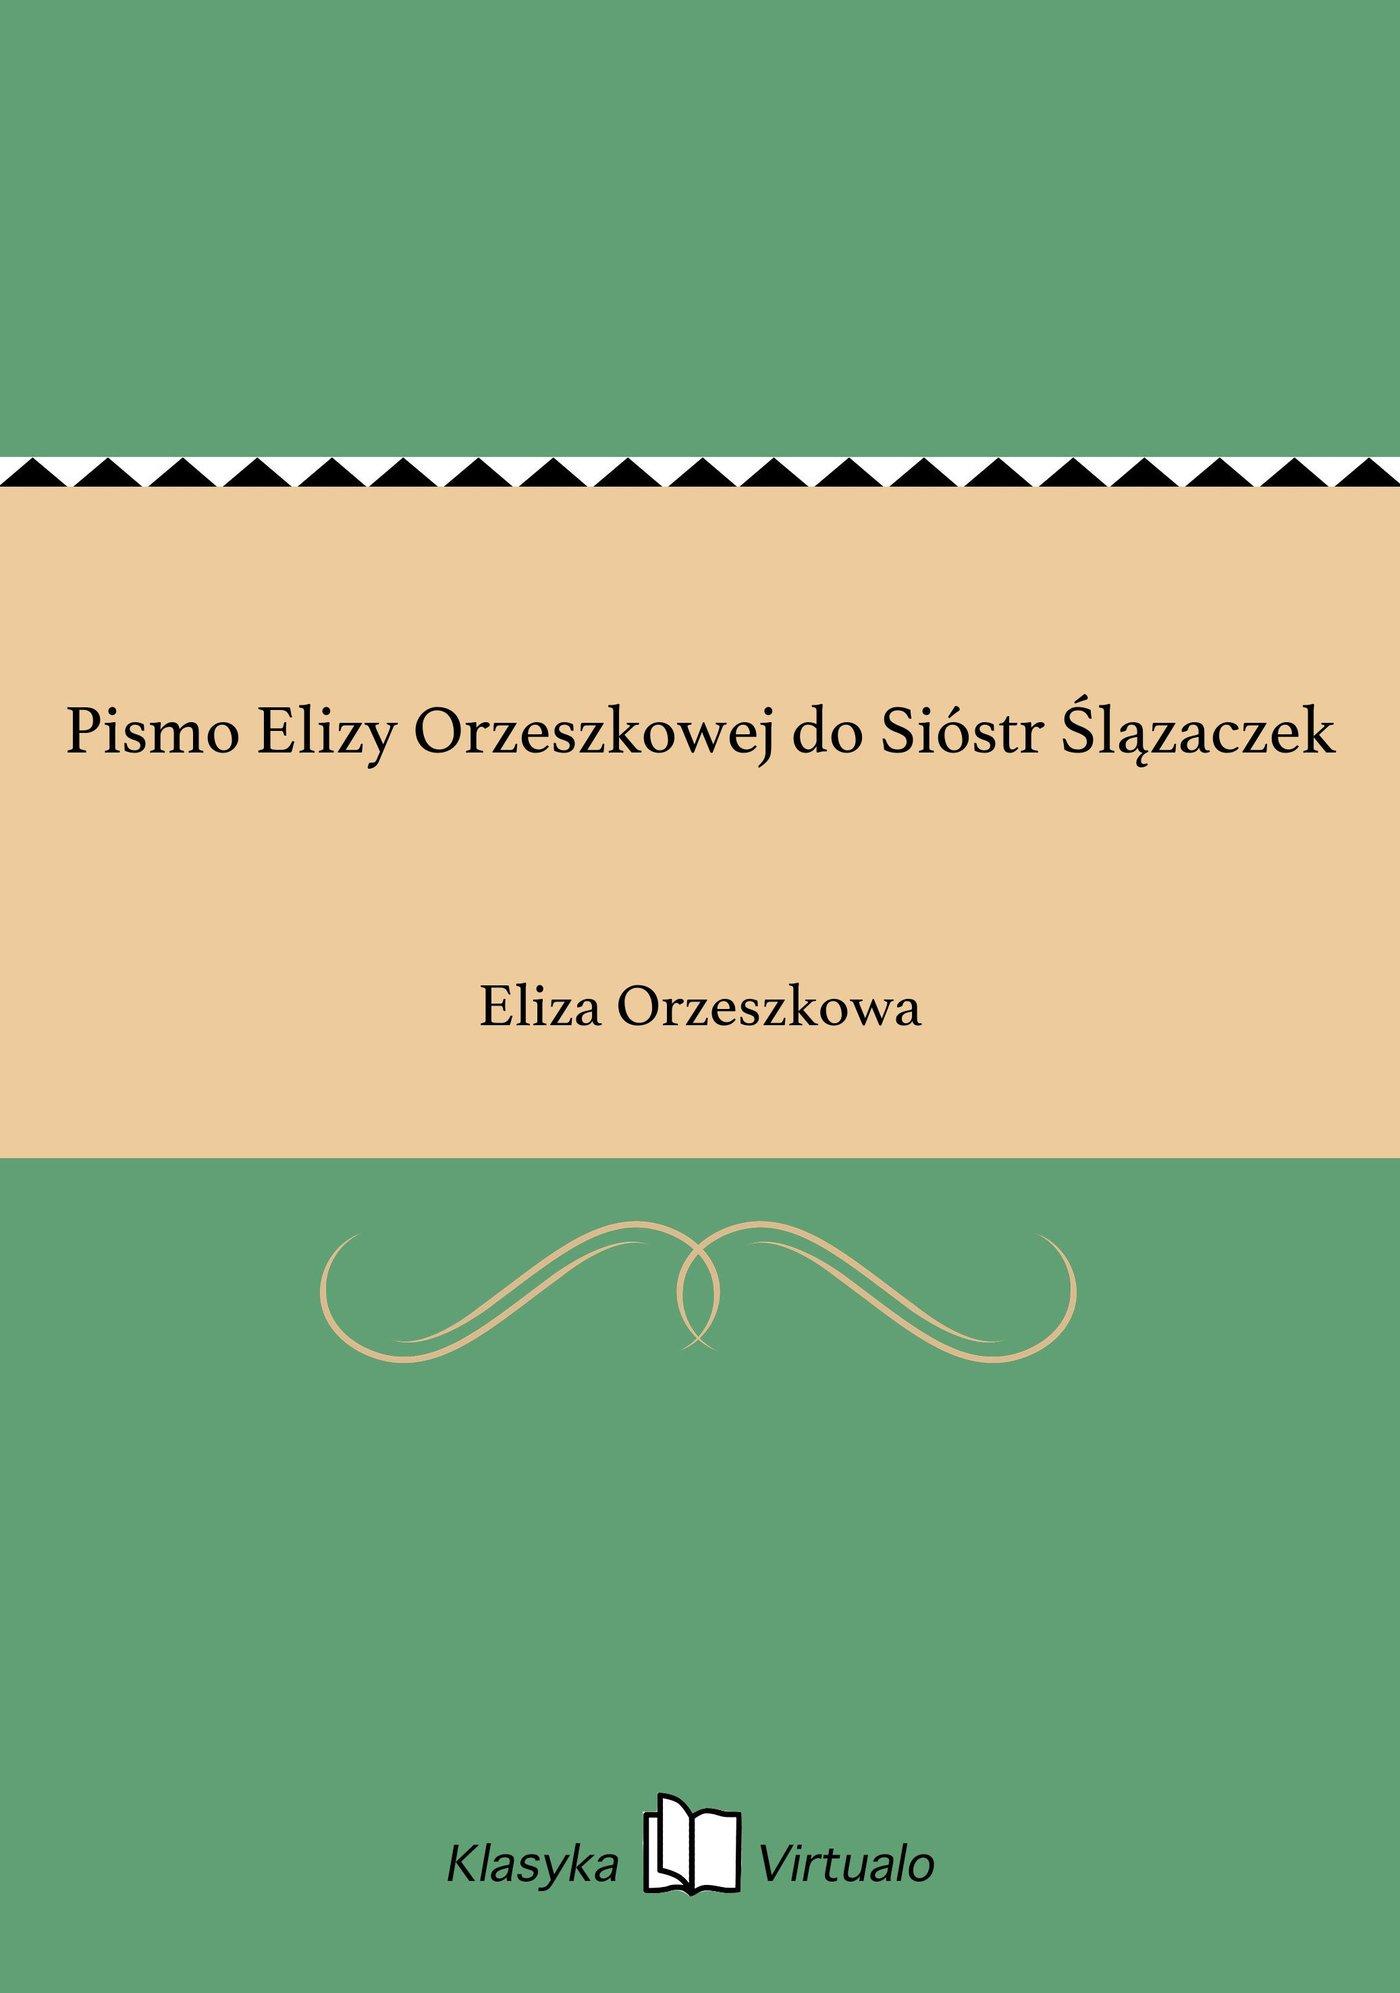 Pismo Elizy Orzeszkowej do Sióstr Ślązaczek - Ebook (Książka EPUB) do pobrania w formacie EPUB